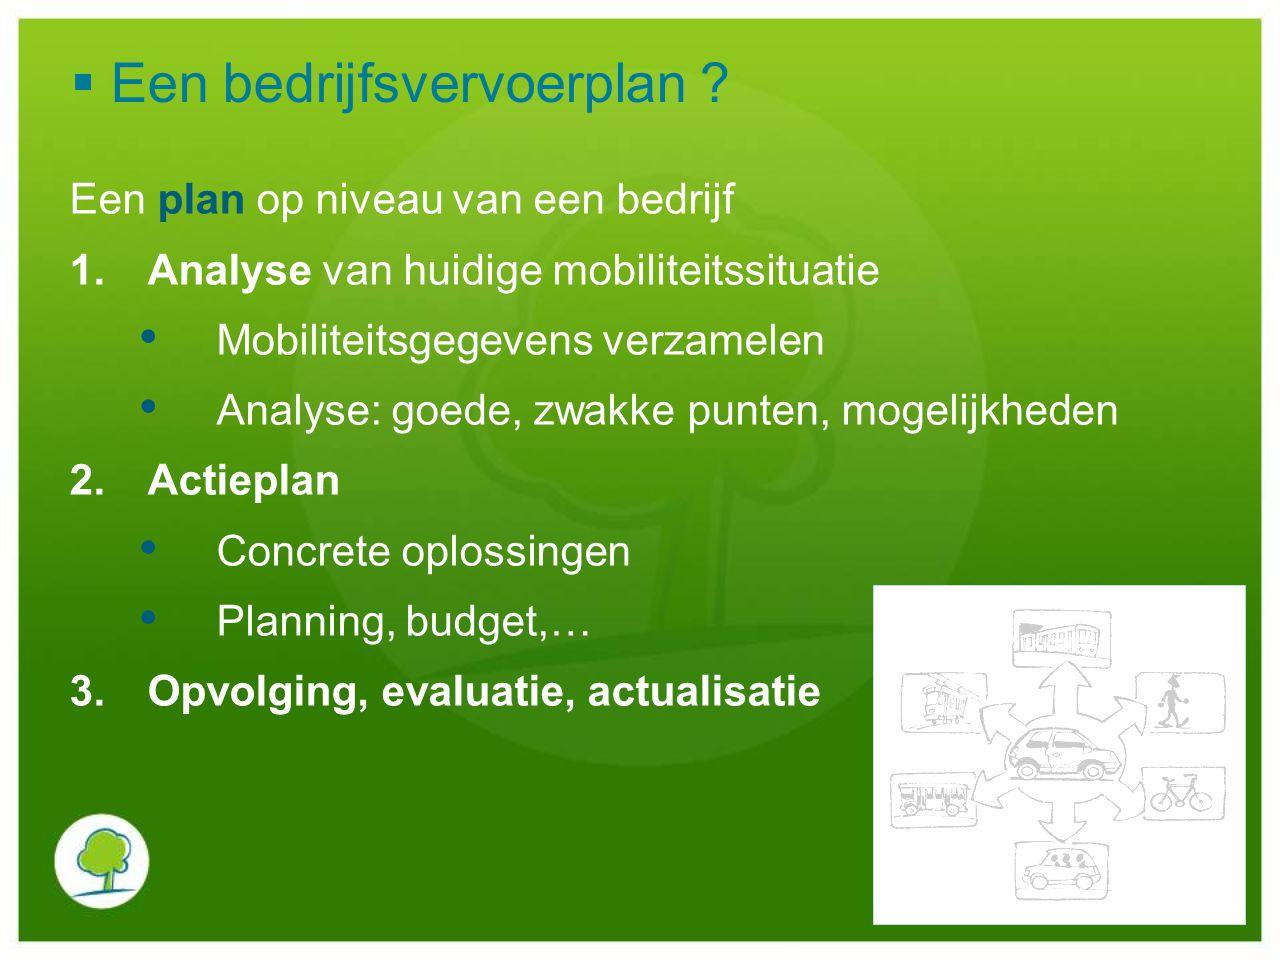 Een plan op niveau van een bedrijf 1.Analyse van huidige mobiliteitssituatie Mobiliteitsgegevens verzamelen Analyse: goede, zwakke punten, mogelijkhed